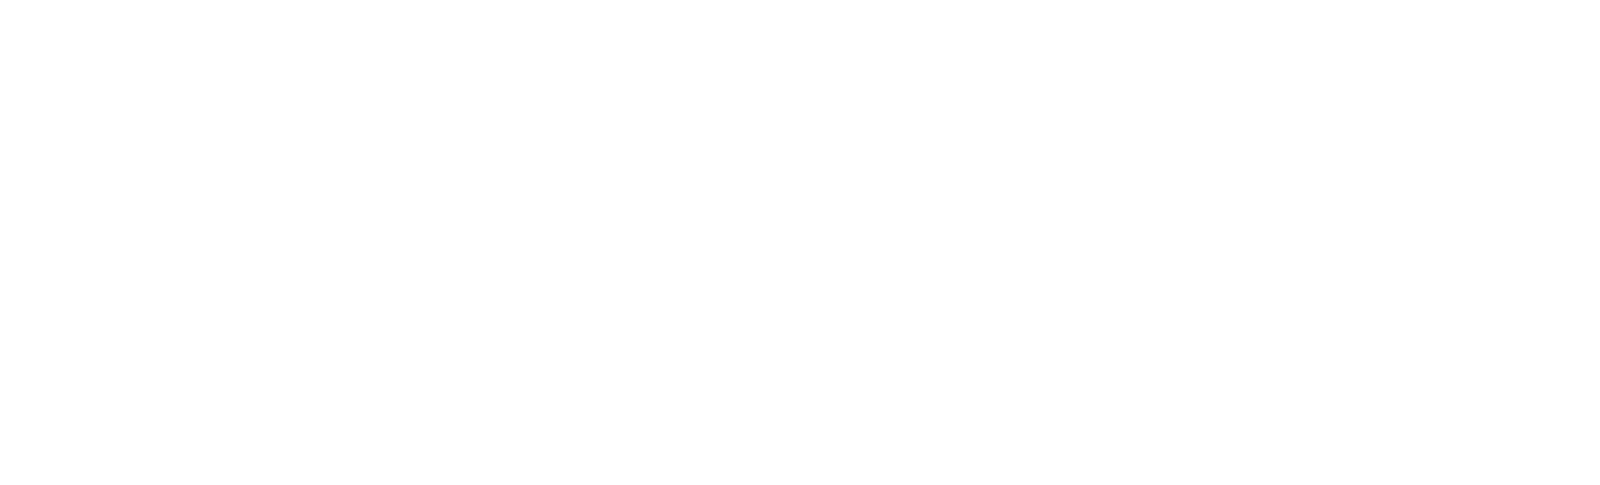 logo-brasserie-artisanale-bruel-h&w